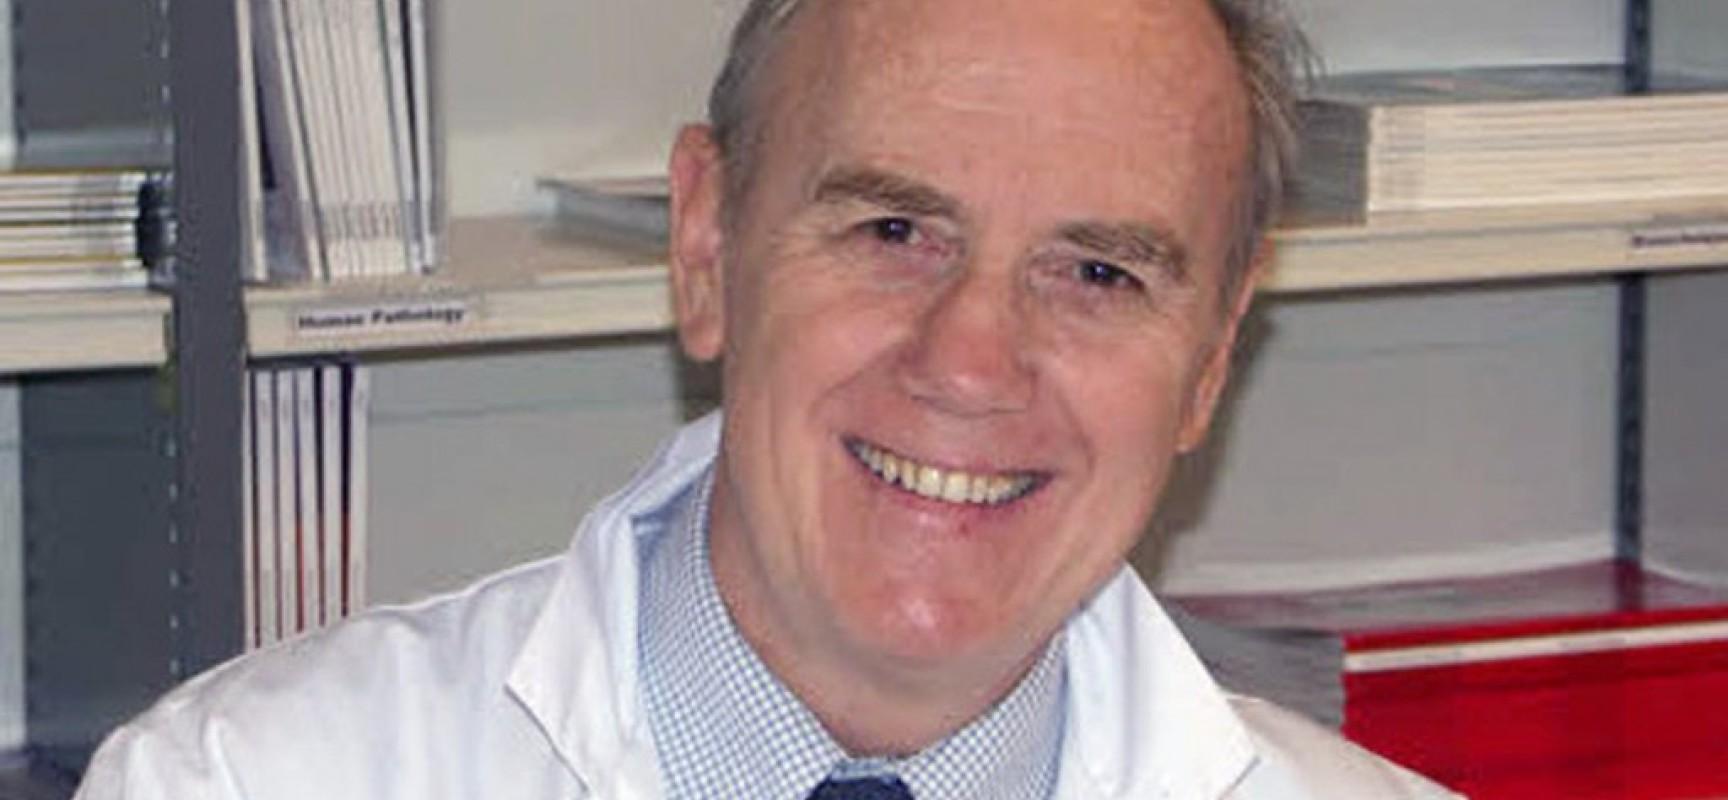 Appel du Professeur Henri Joyeux : Dites leur qu'il y a une autre médecine !